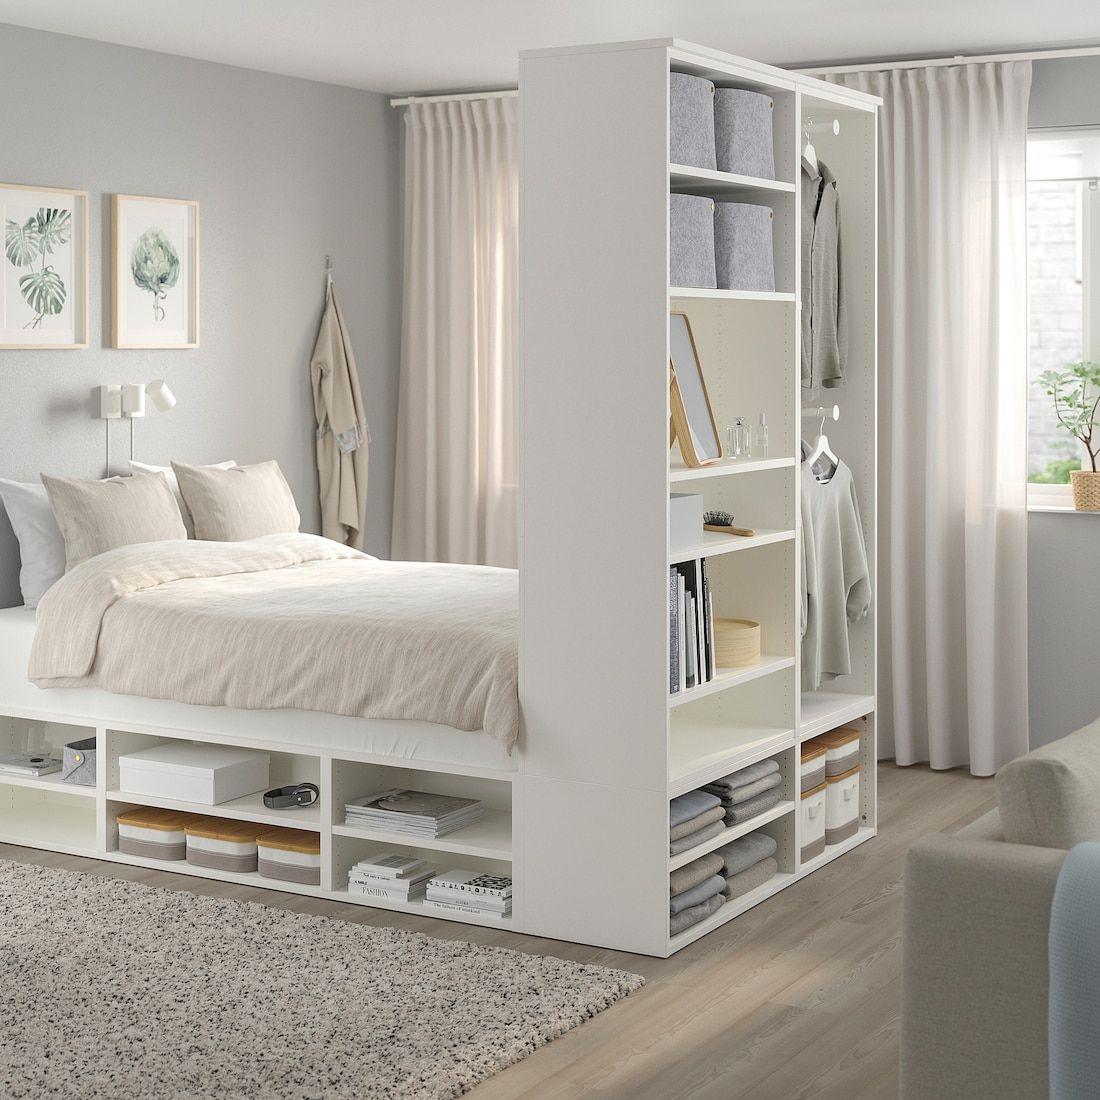 lit double avec rangement ikea